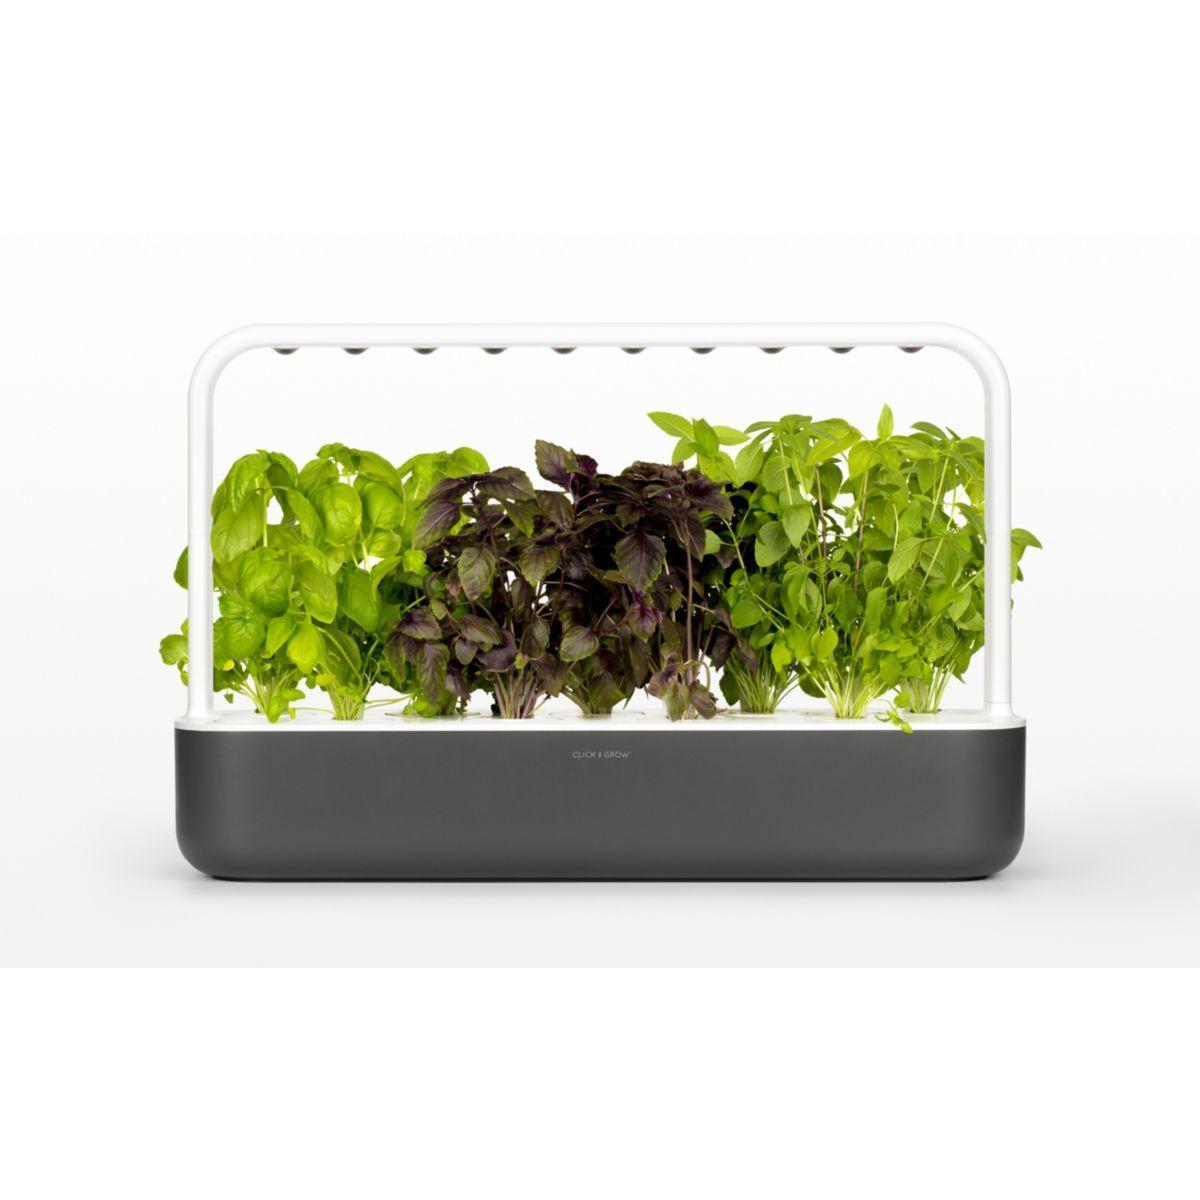 Jardin d'int�rieur click and grow smart garden 9 gris - livraison offerte : code relay (photo)